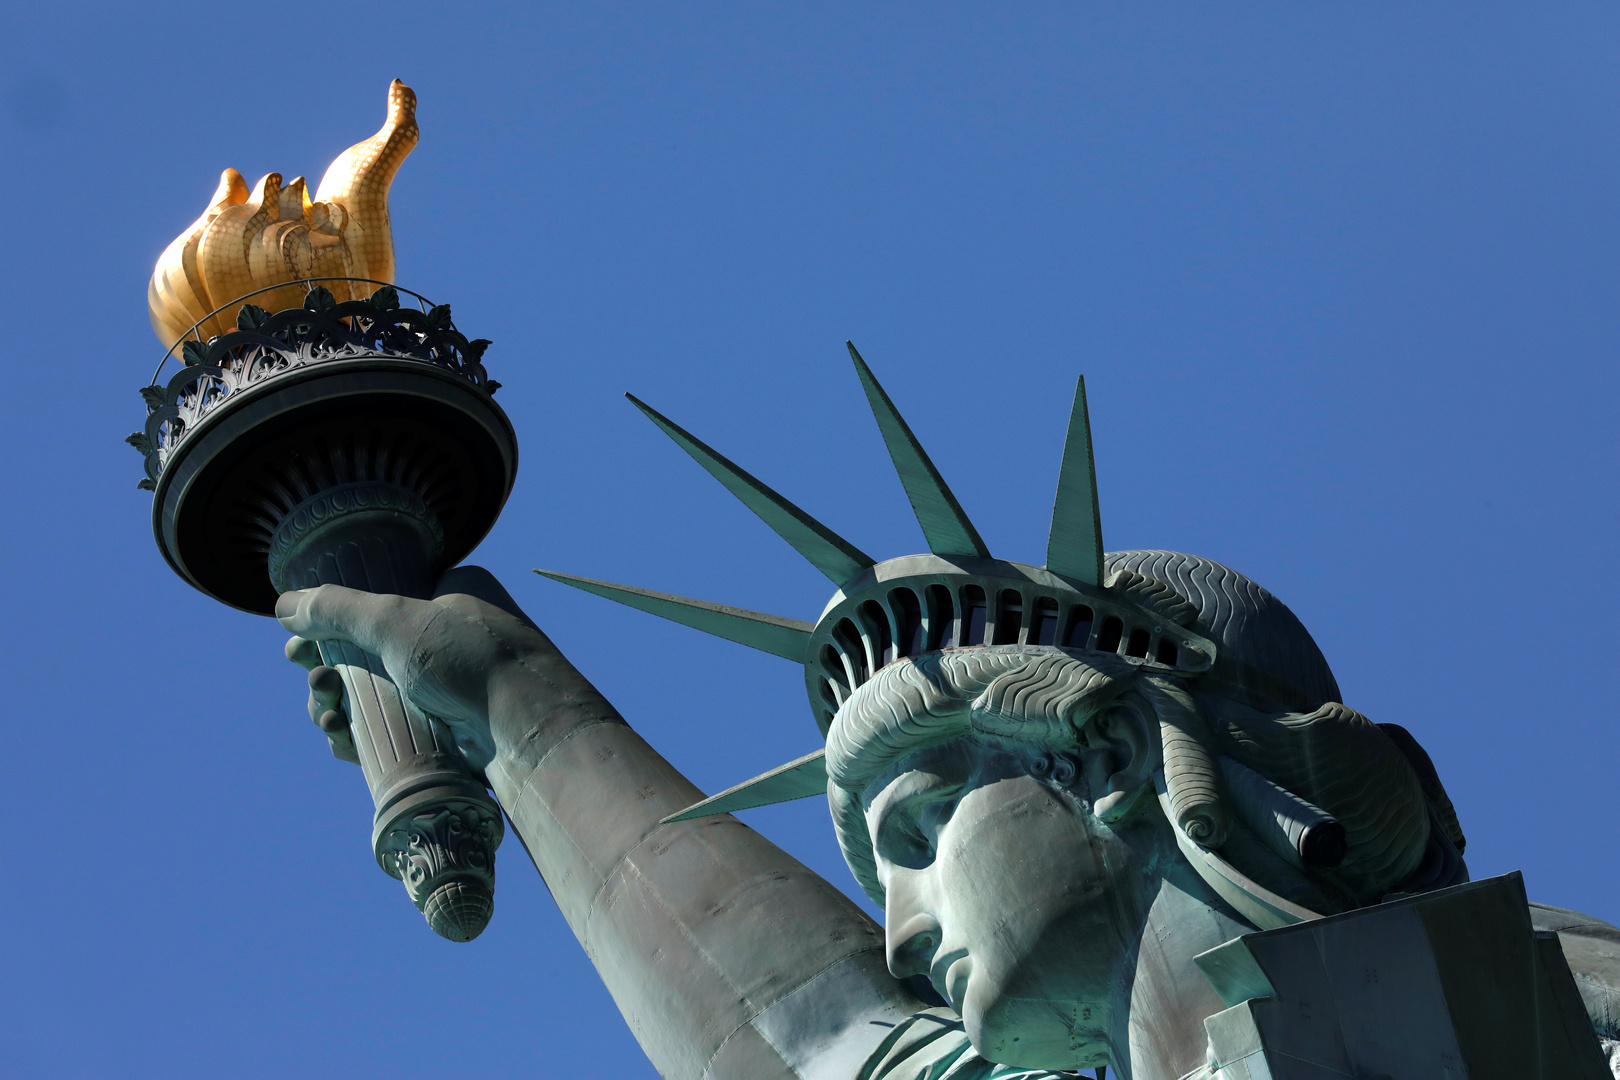 الولايات المتحدة تحظر منح تأشيرات التجارة والاستثمار للإيرانيين